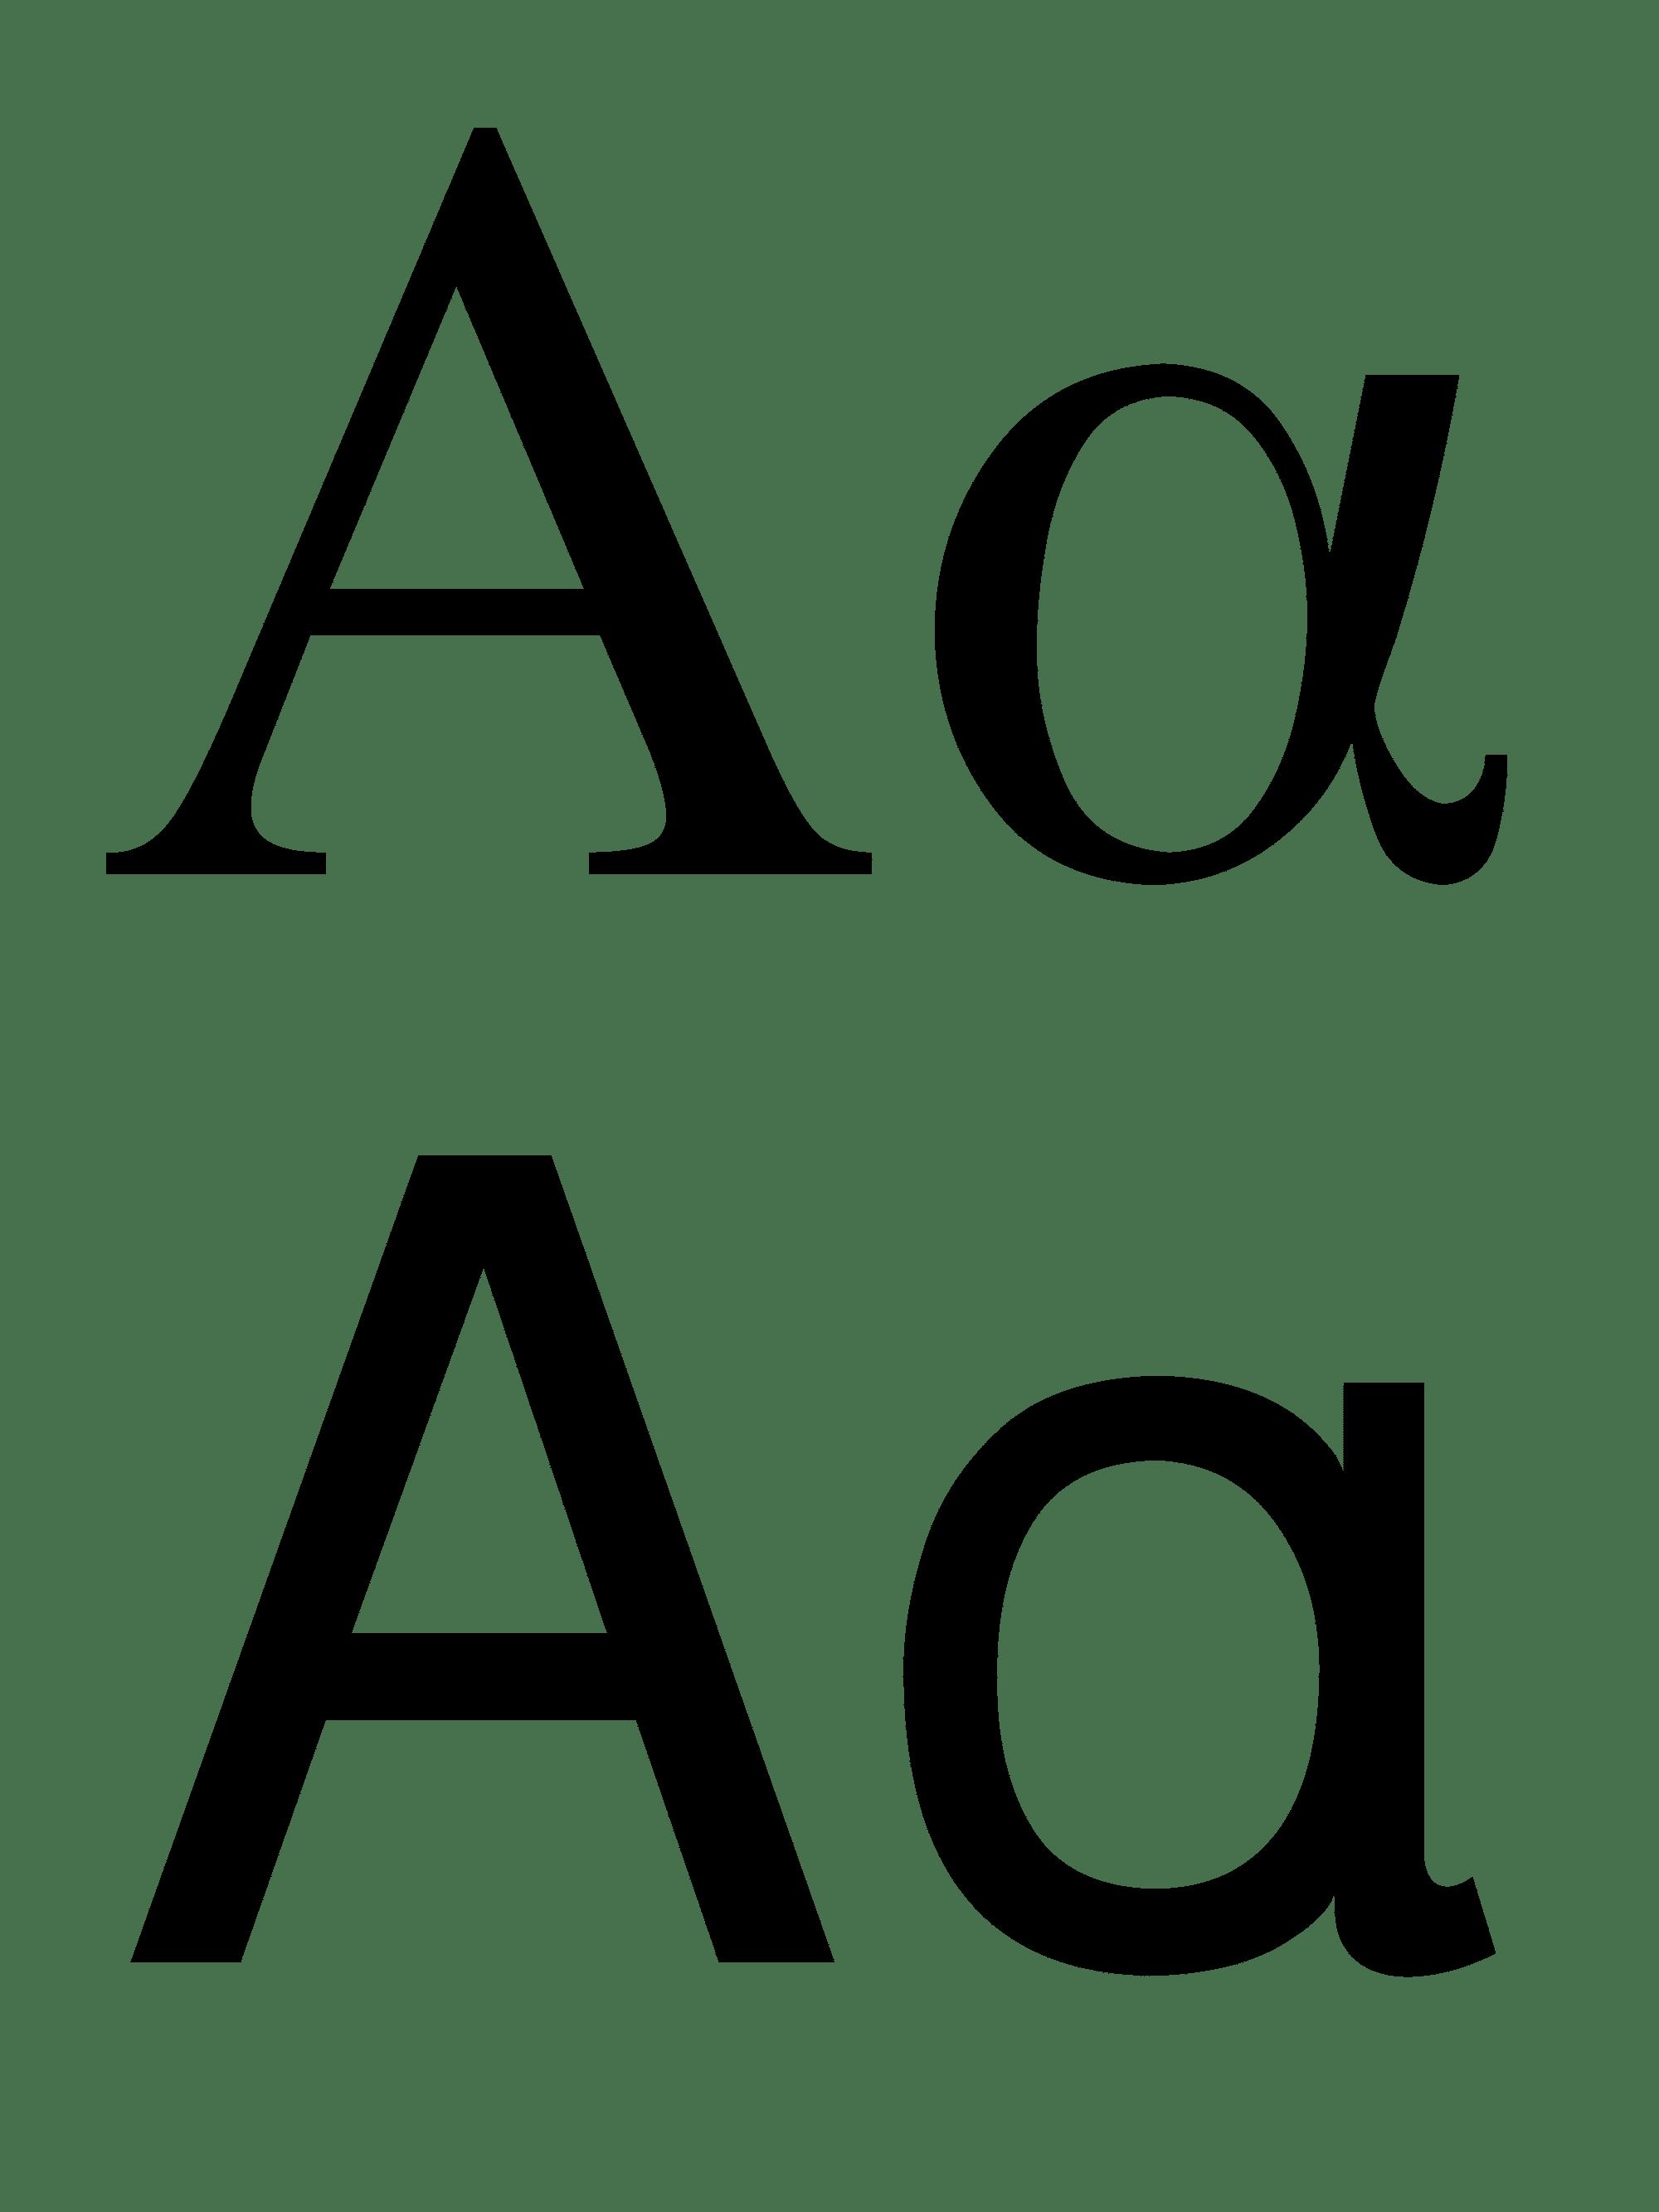 Greek Letter a Symbol